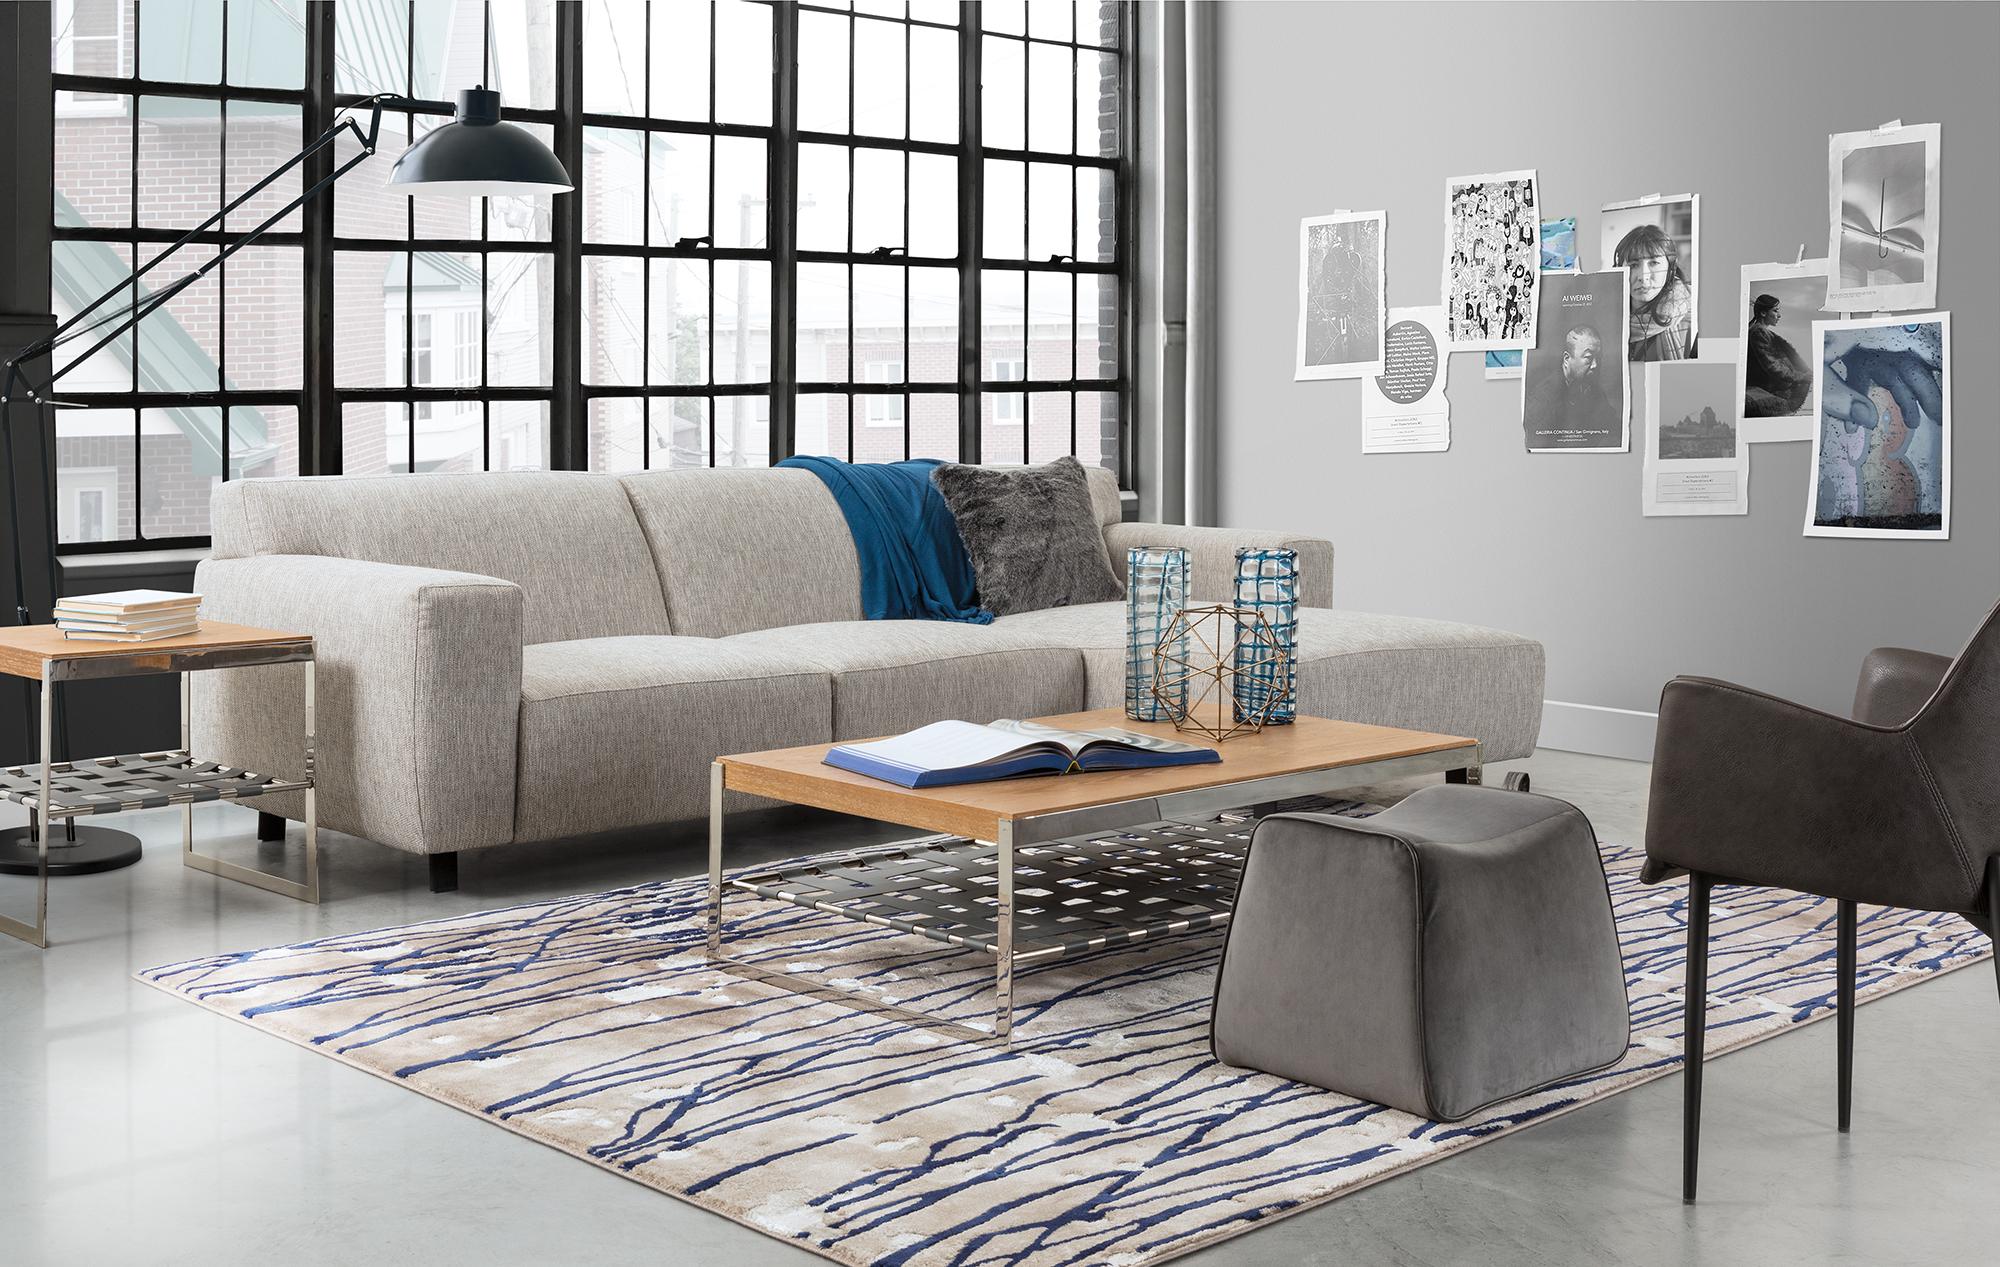 La galerie du meuble le design en cadeau expo habitat qu bec - La galerie du meuble contemporain ...